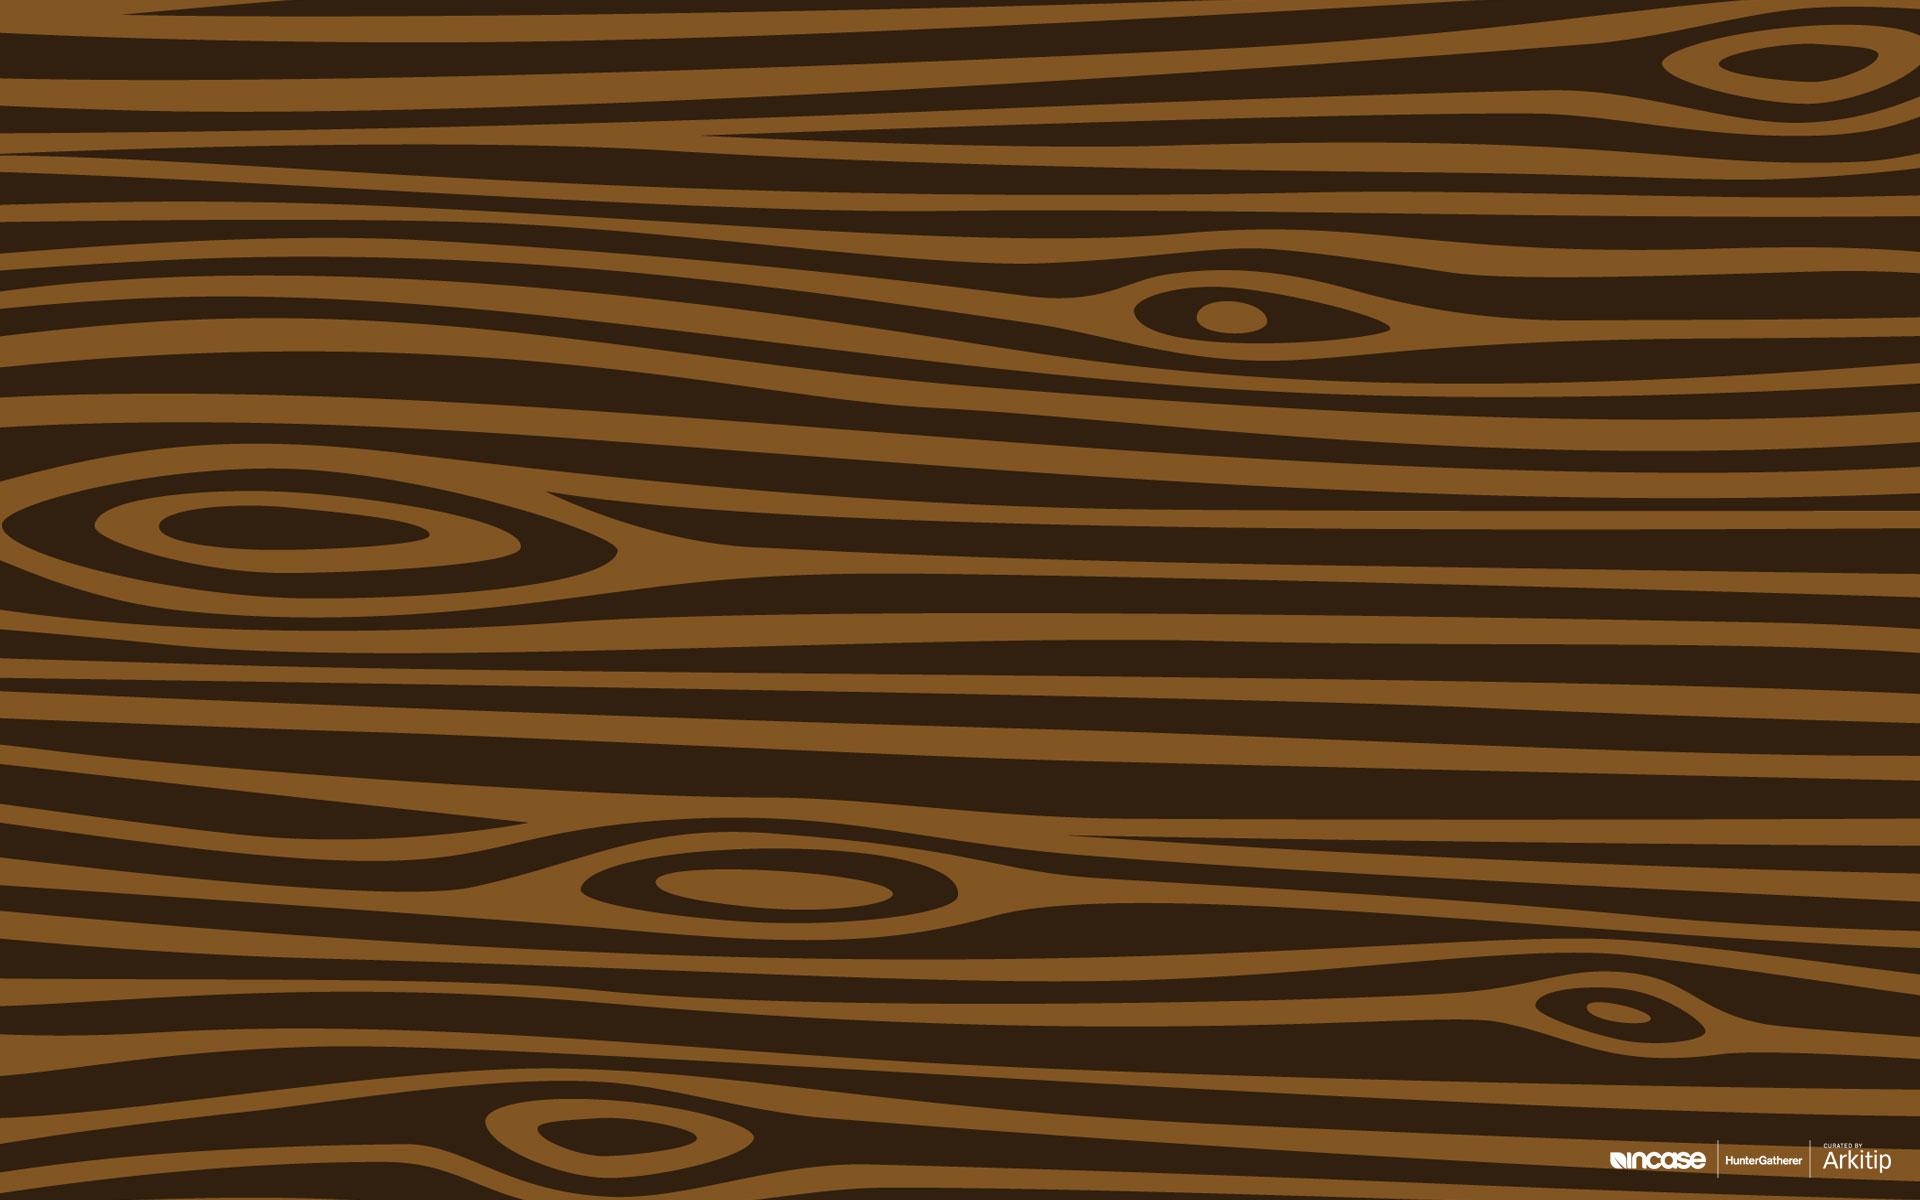 Wood Grain Wallpaper - WallpaperSafari